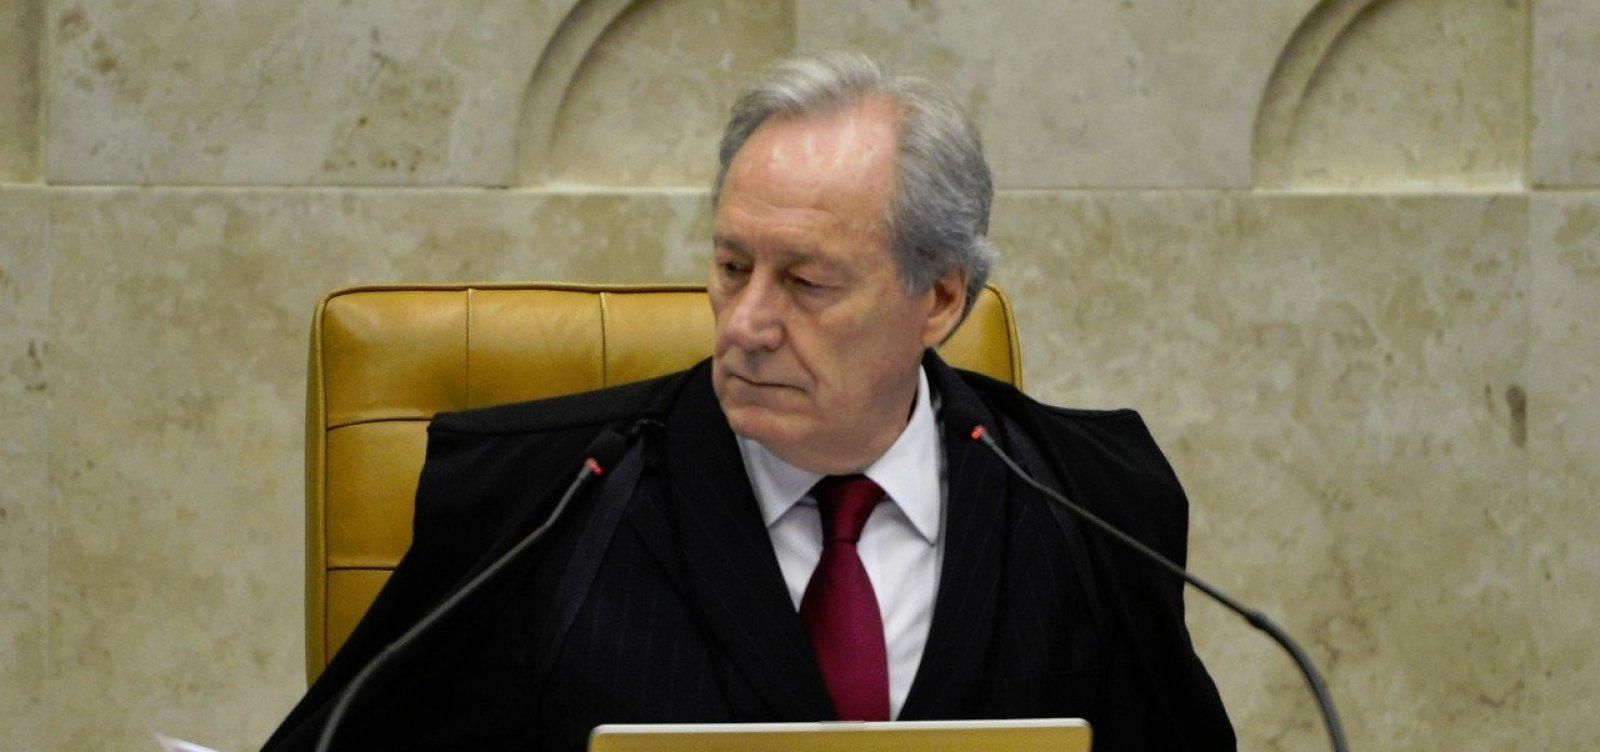 Segunda Turma do STF julgará pedido de libertação de presos condenados em 2ª instância